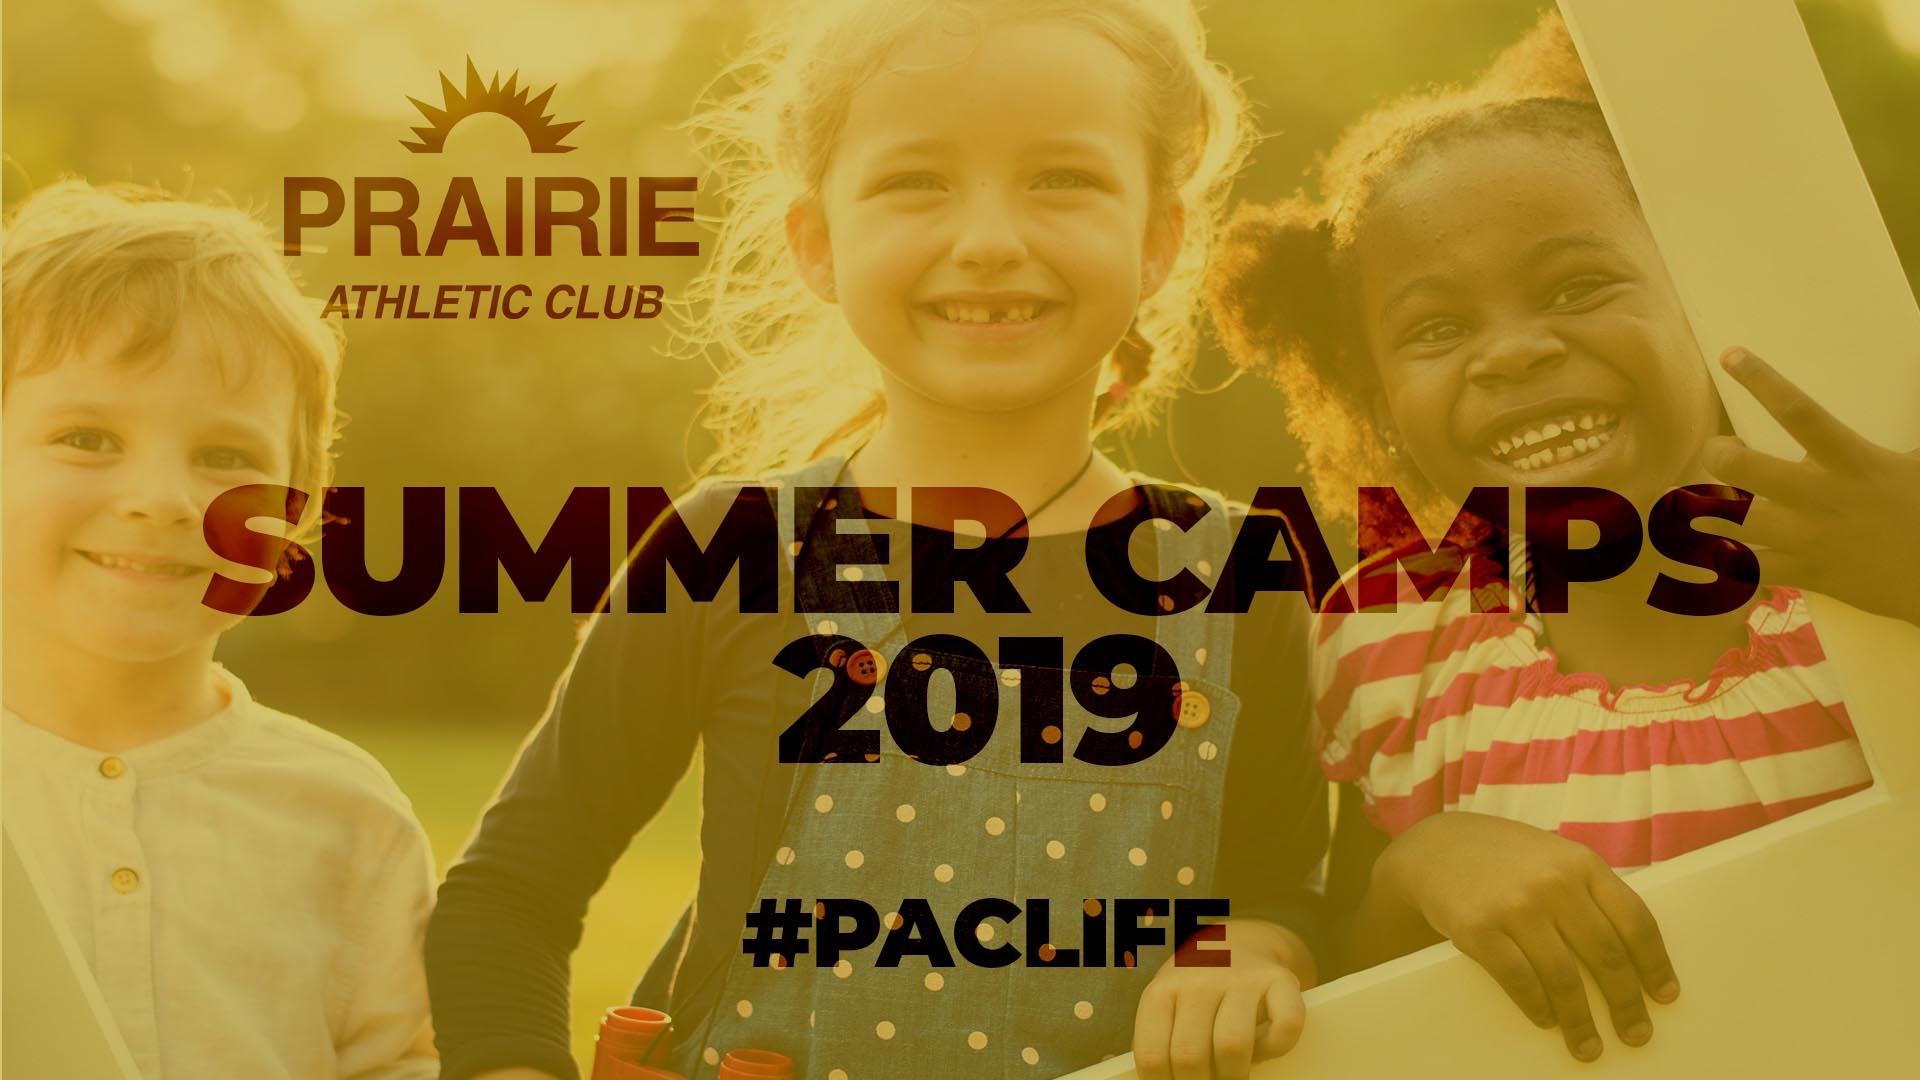 PAC-Summer-Camps-Madison-Sun-Prairie-2019